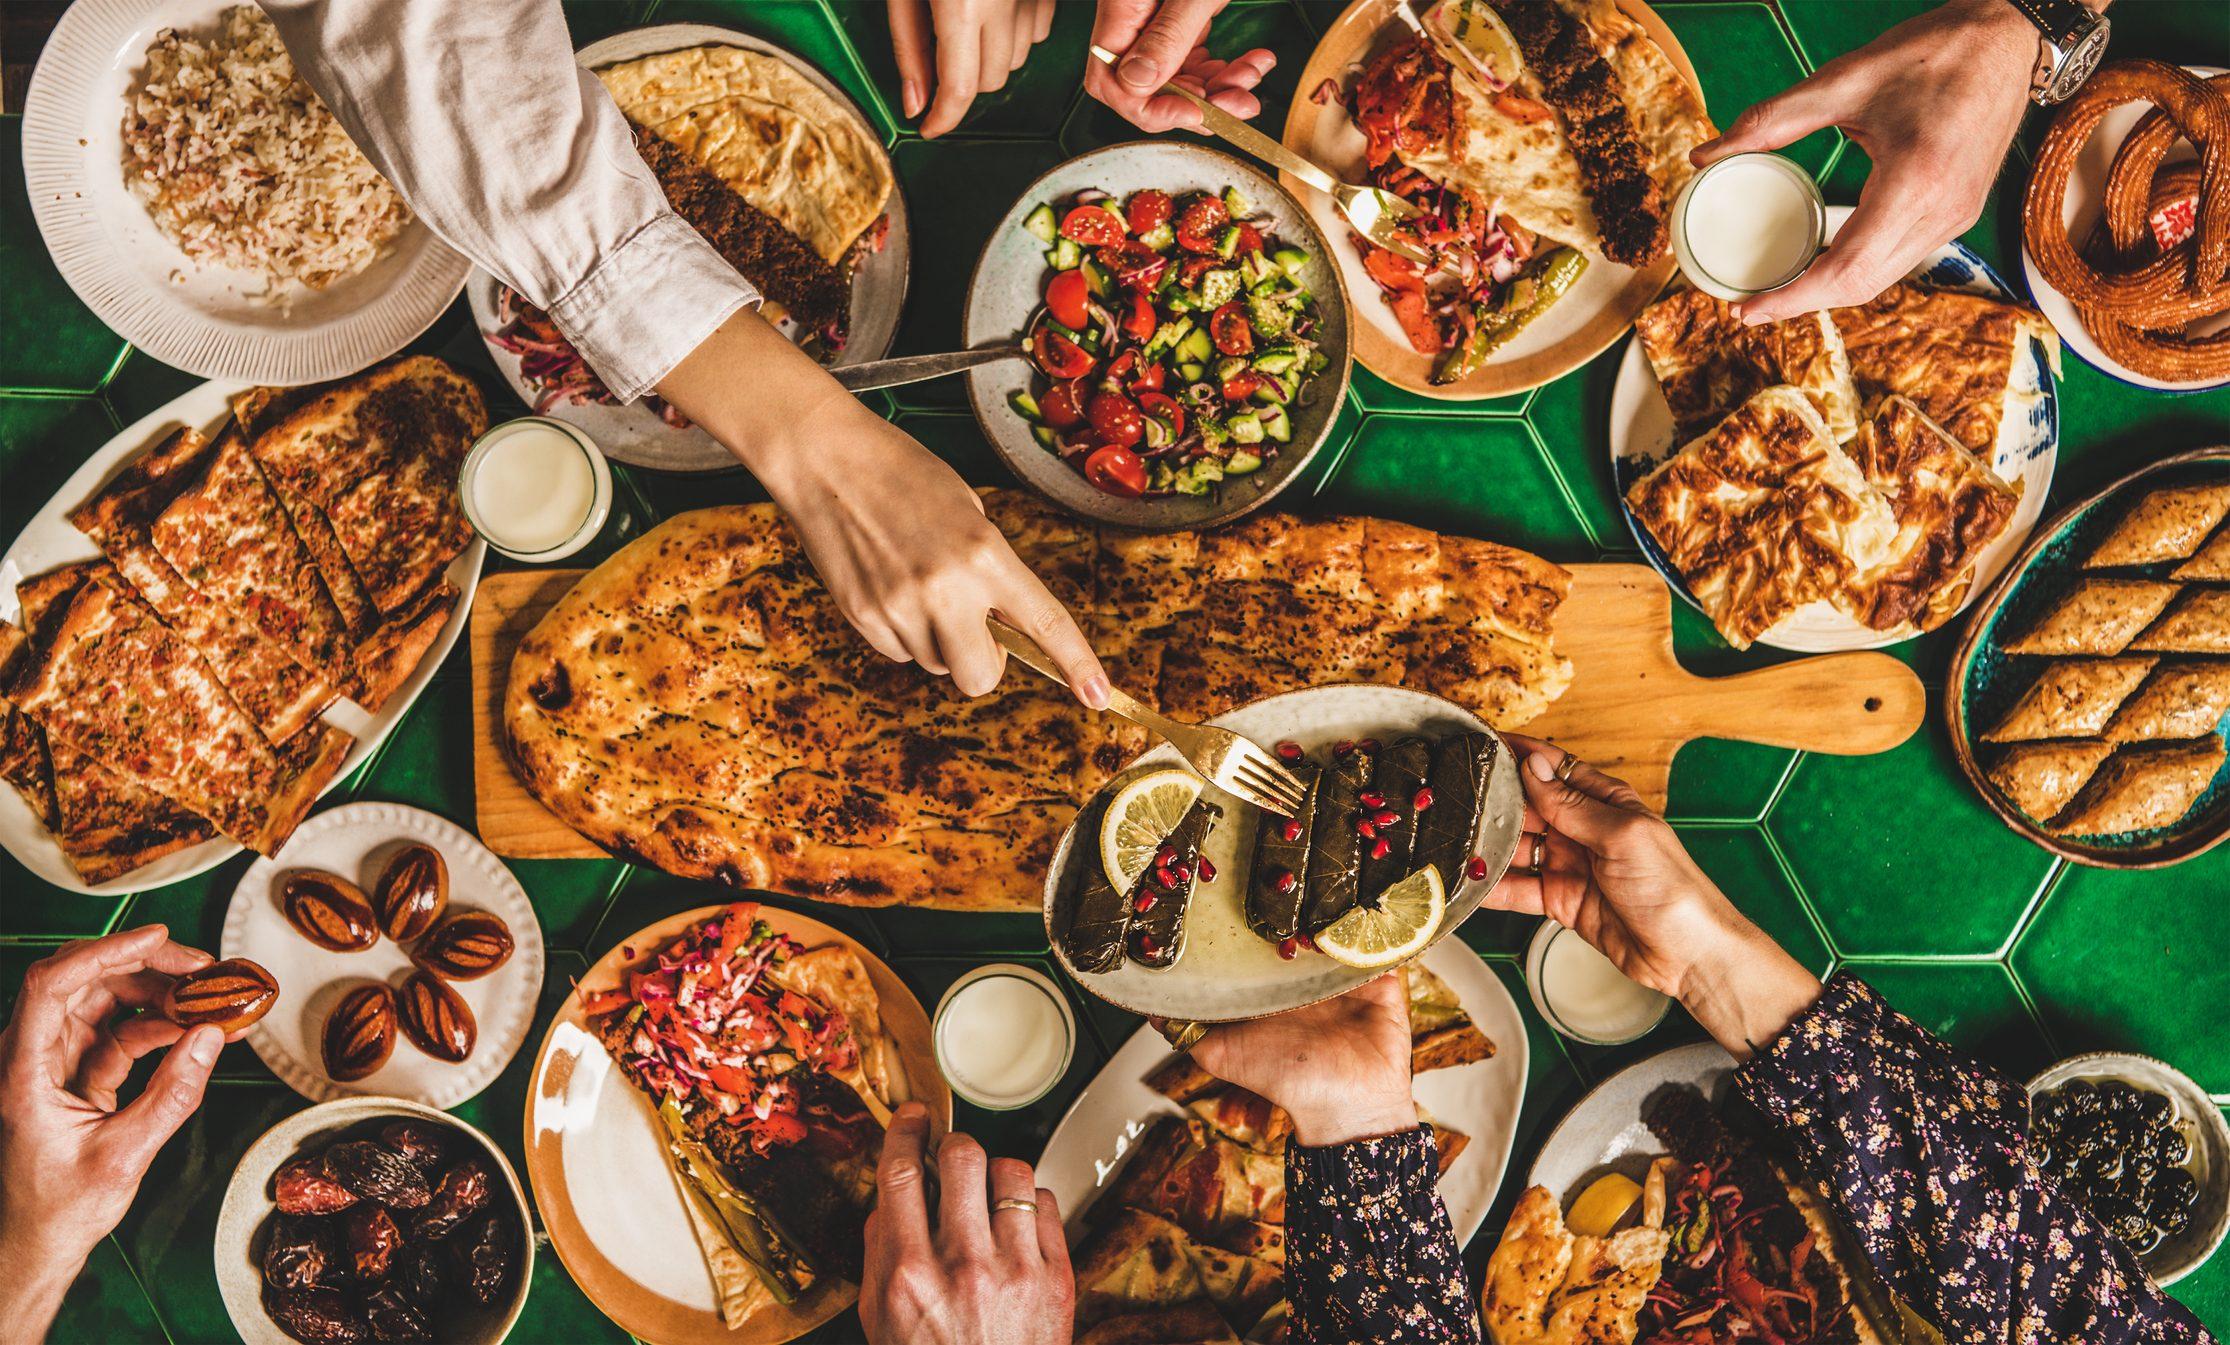 Cosa si mangia durante il Ramadan? Tutte le tradizioni di un'affascinante ricorrenza